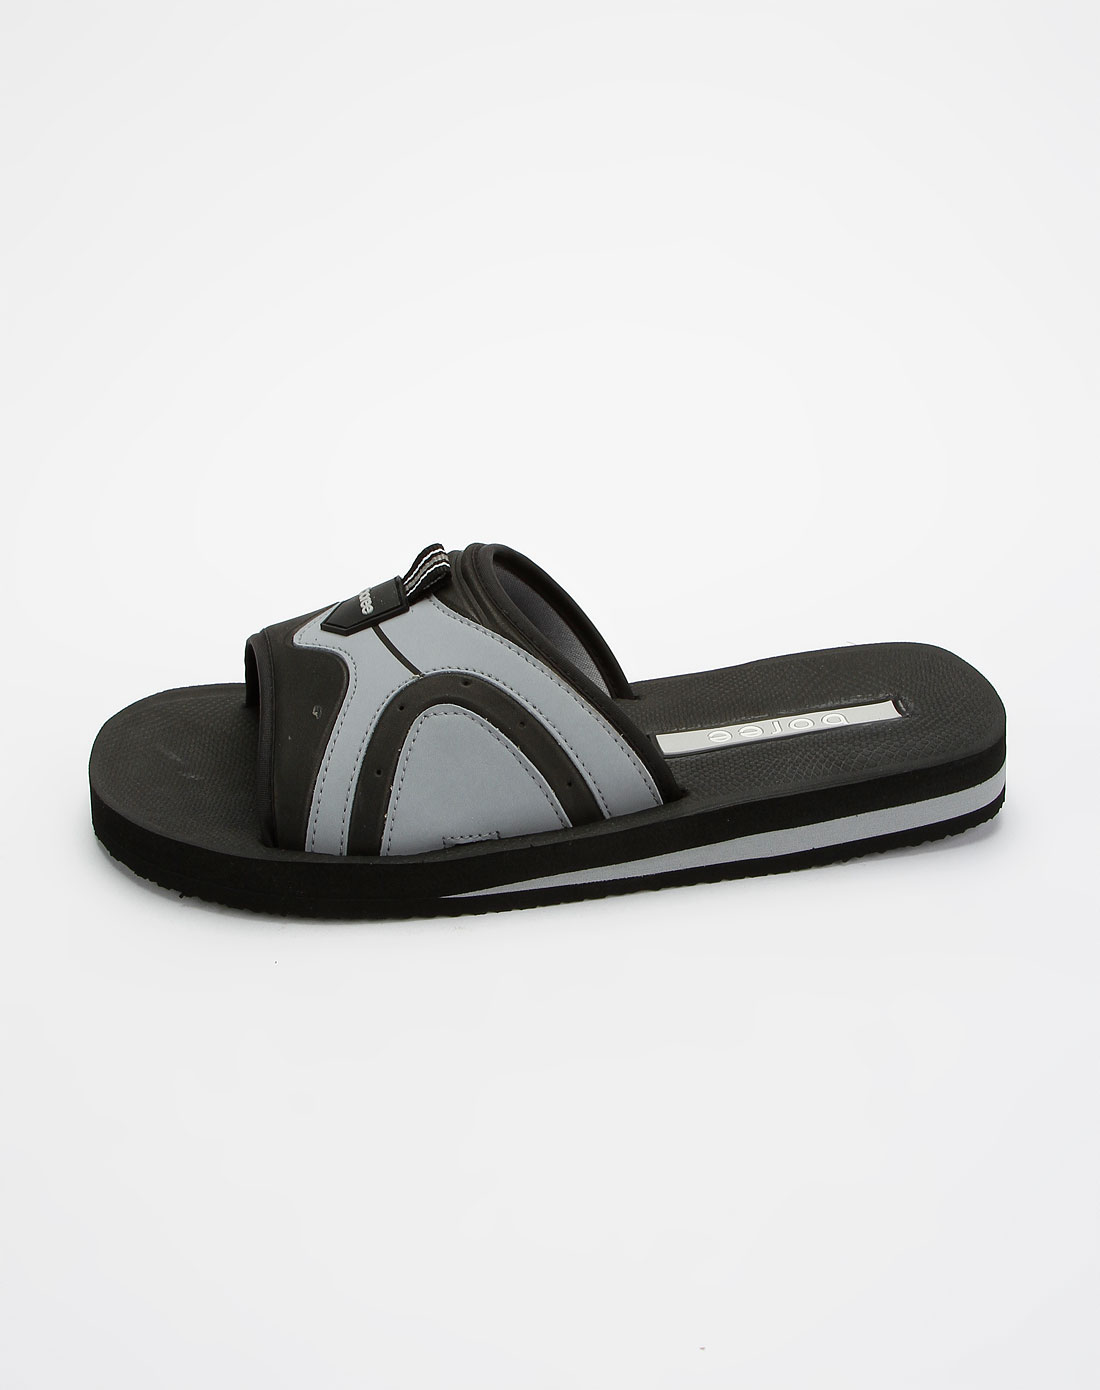 男款黑浅灰色休闲凉拖鞋